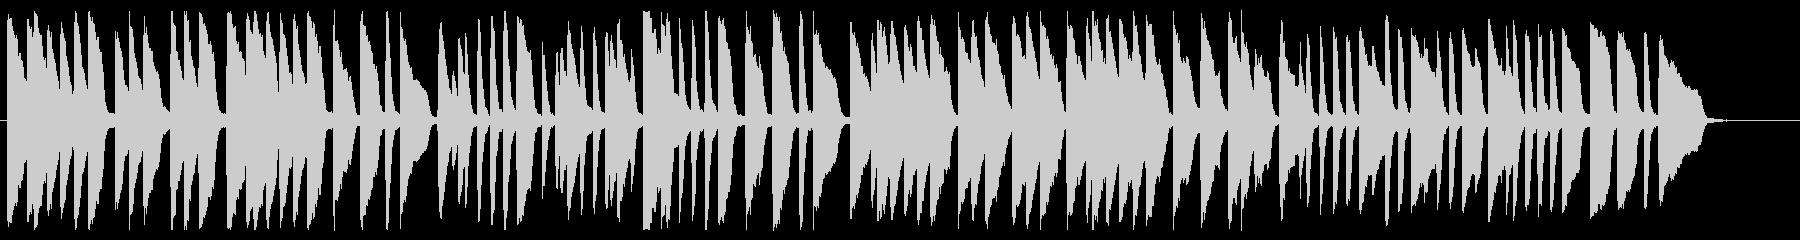 ロンドン橋 ピアノver.の未再生の波形